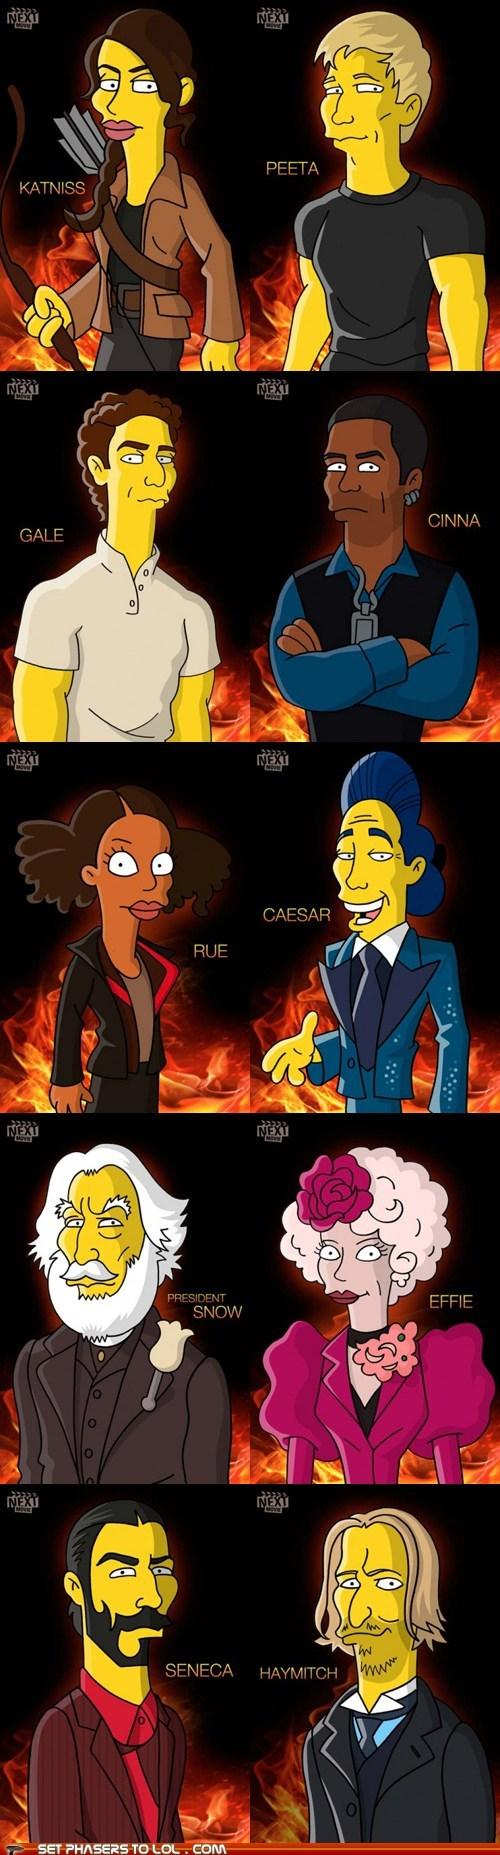 cartoons characters cinna effie trinket gale hunger games katniss Movie peeta simpsons - 6004613376